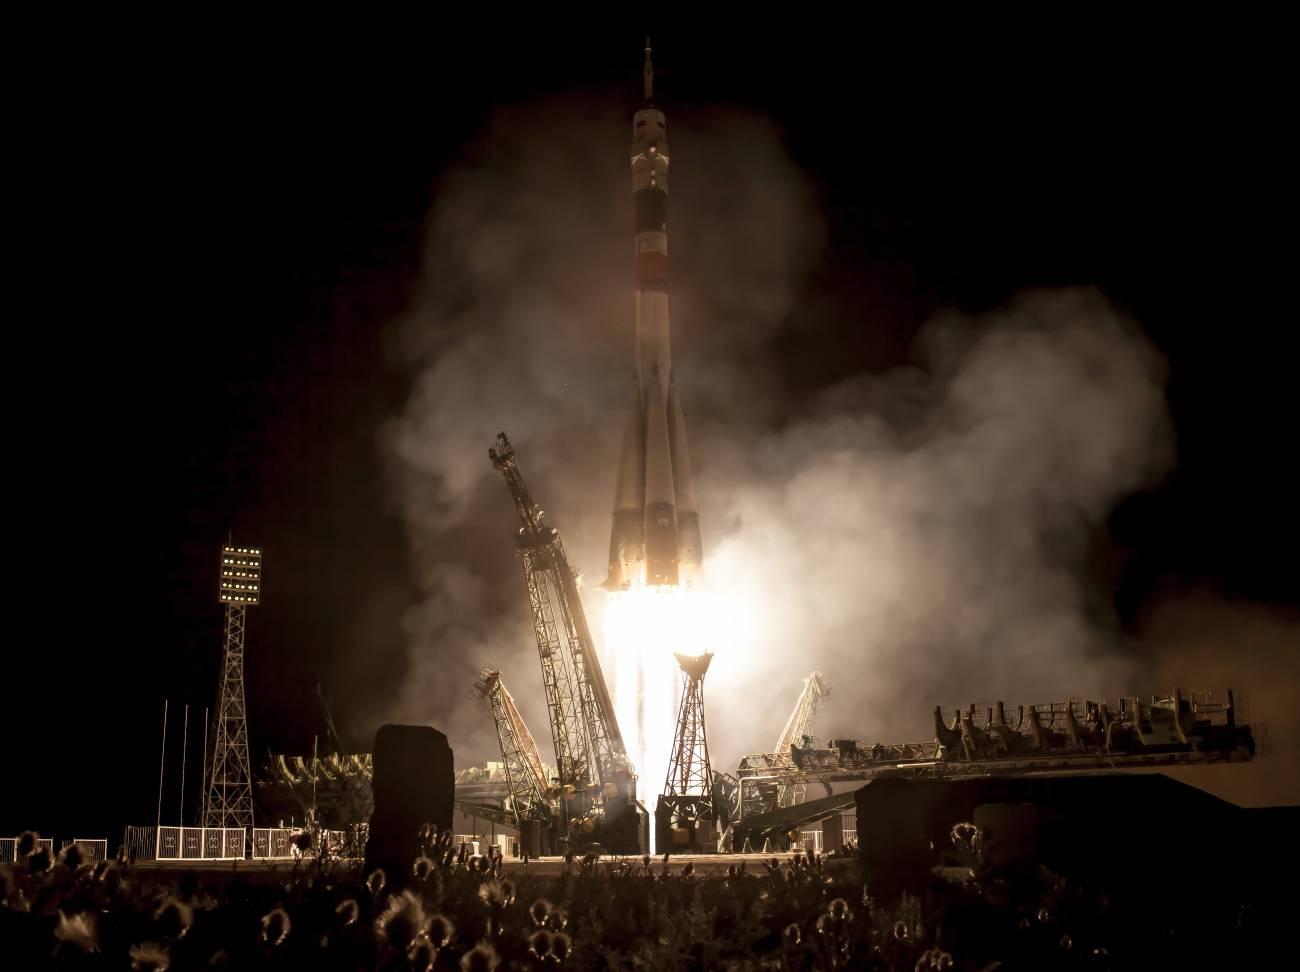 La nave Soyuz en el momento del despegue. / NASA